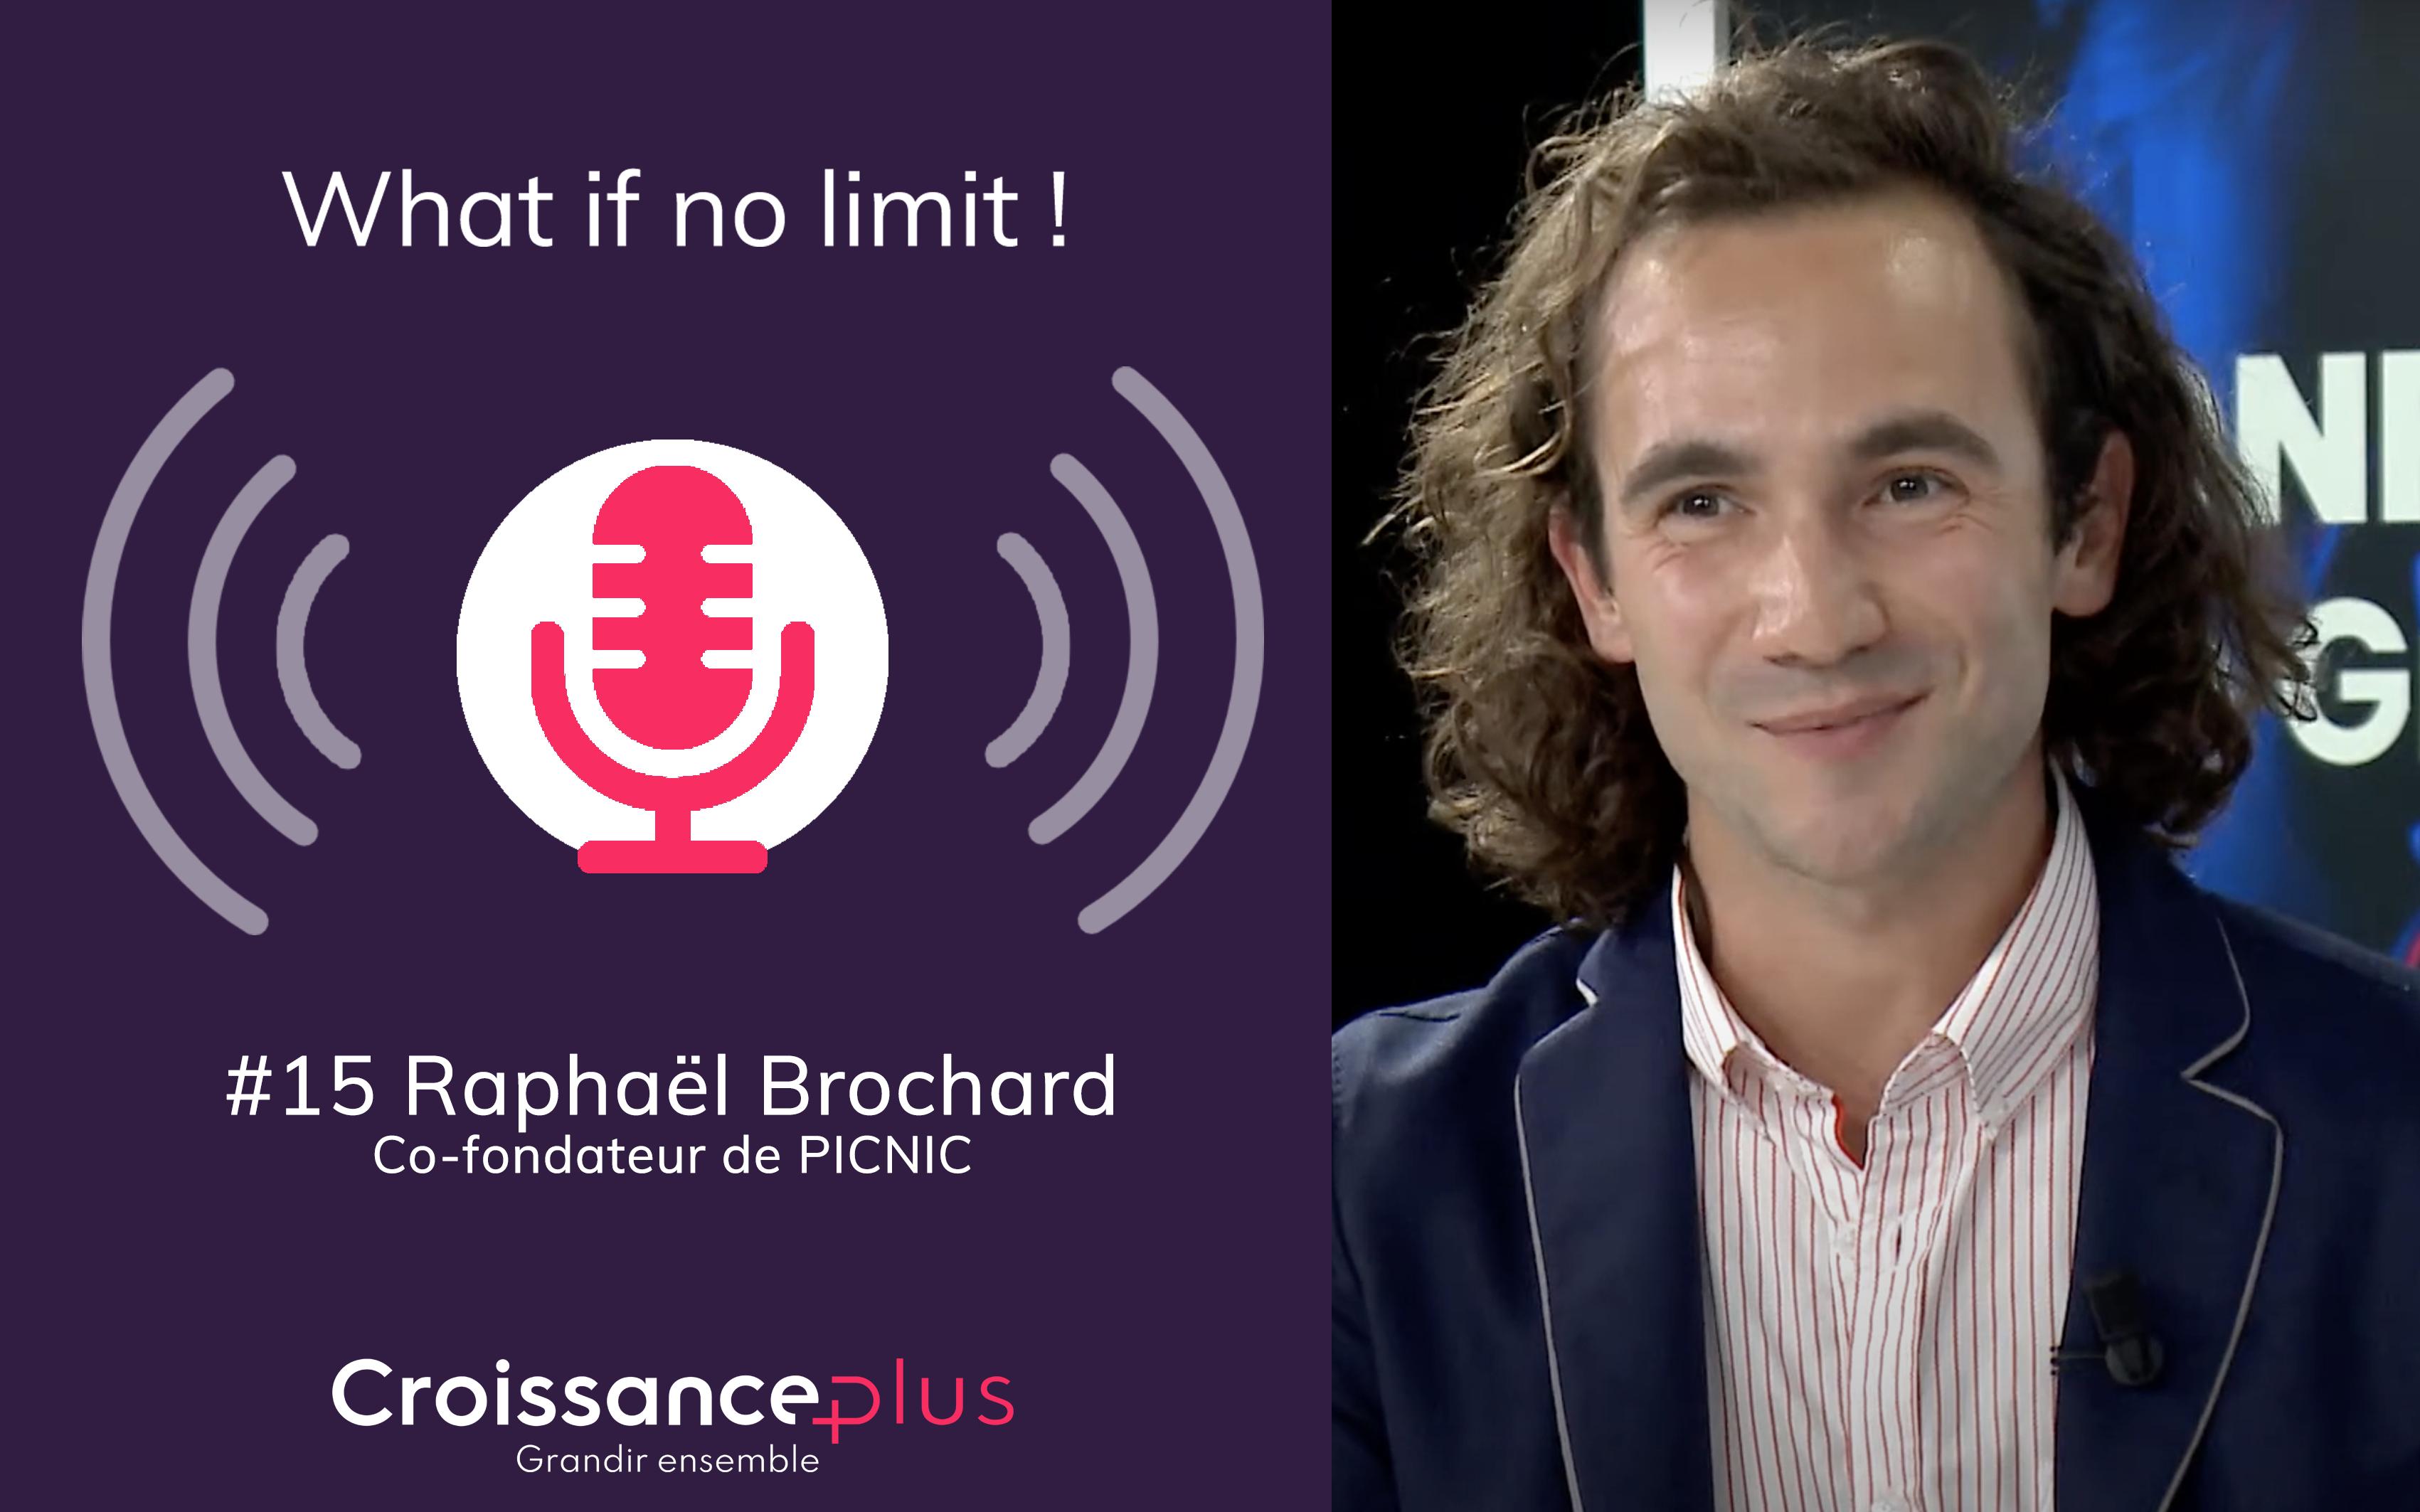 #Podcast : nouvel épisode disponible avec Raphaël Brochard, co-fondateur de PICNIC